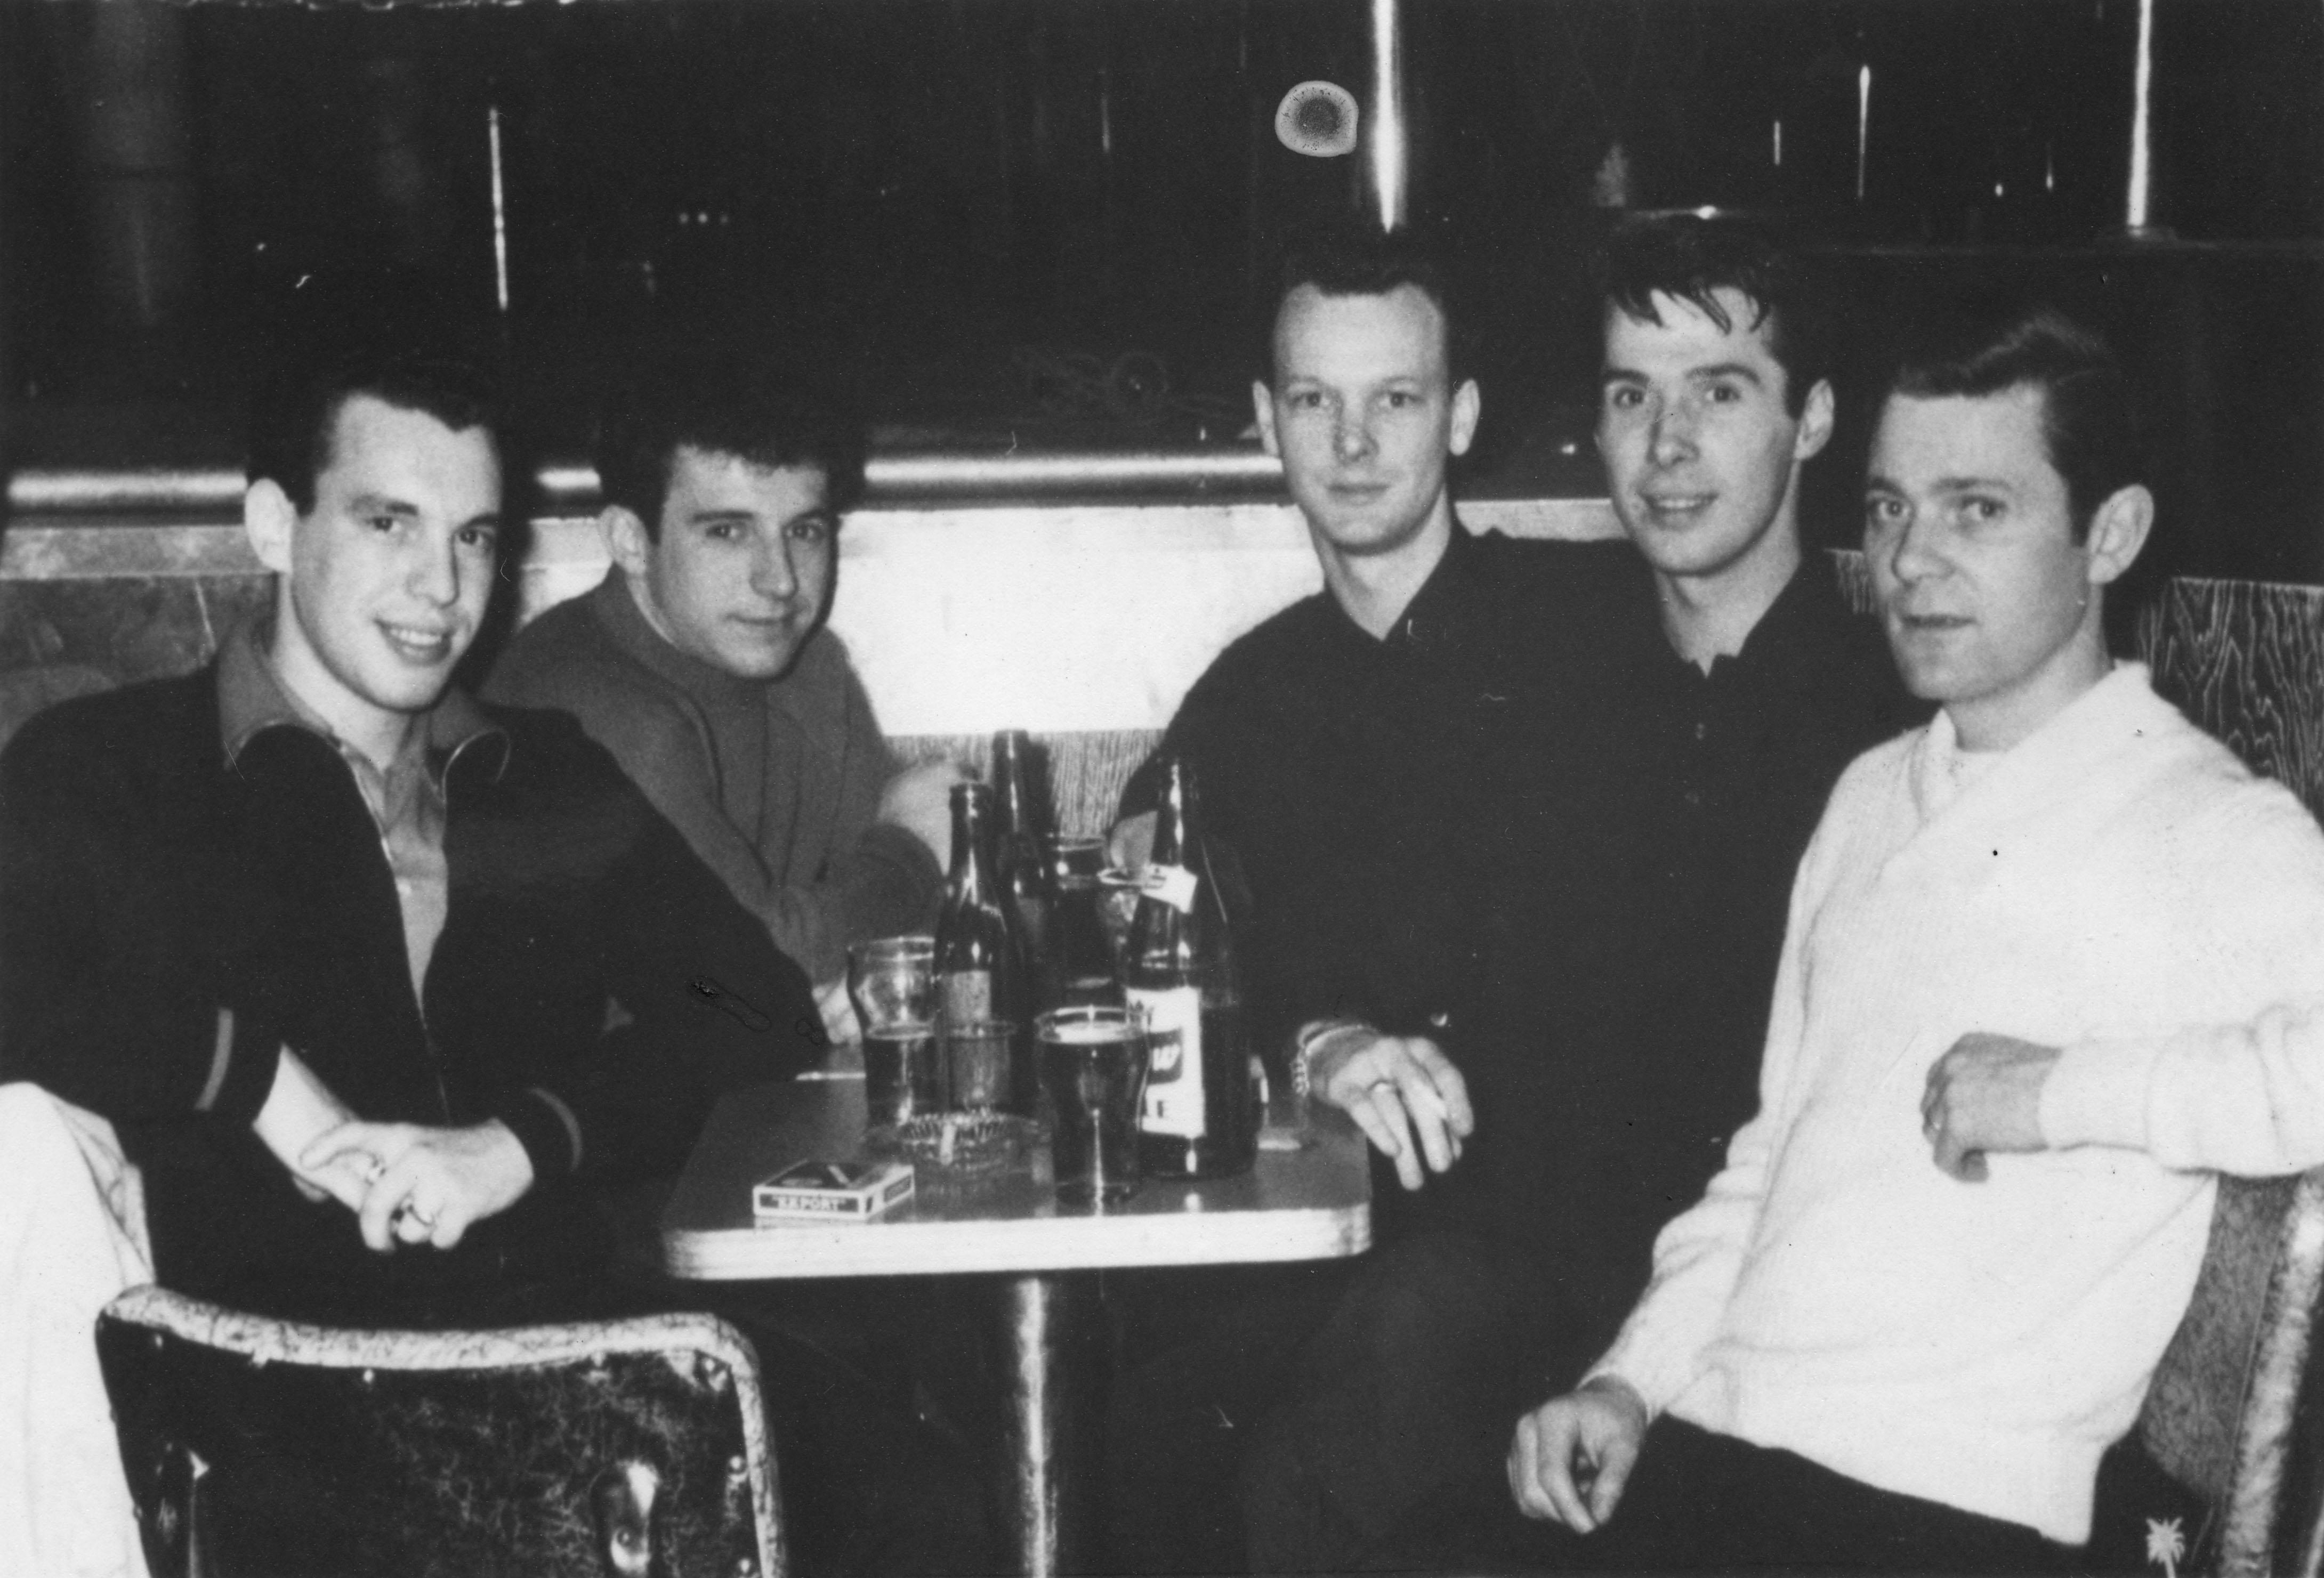 Cinq jeunes hommes sont assis dans un bar autour d'une petite table remplie de bouteilles et de verres.